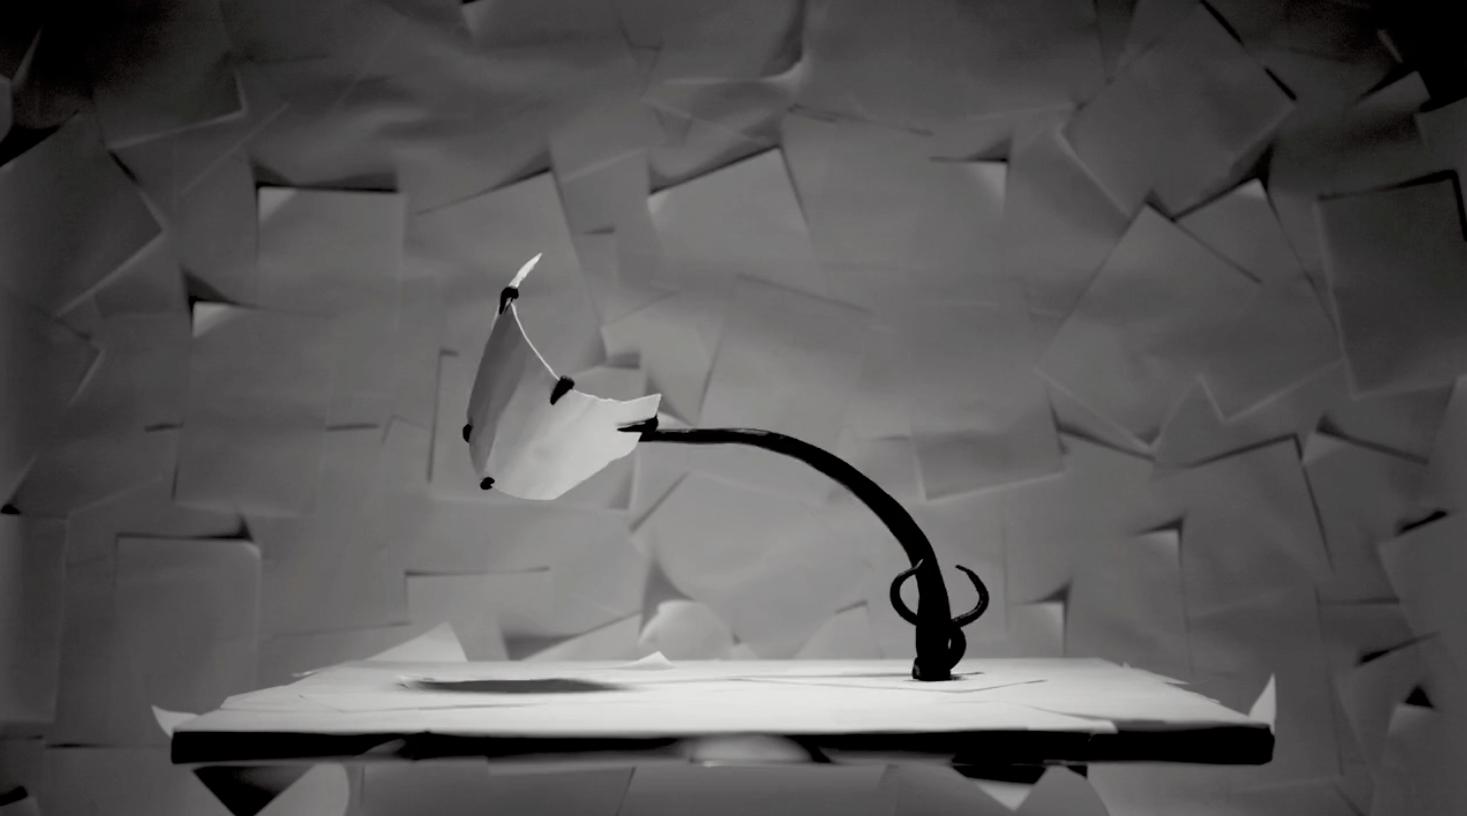 [Vidéo] Court-métrage expérimental exceptionnel sur le cycle naturel des événements